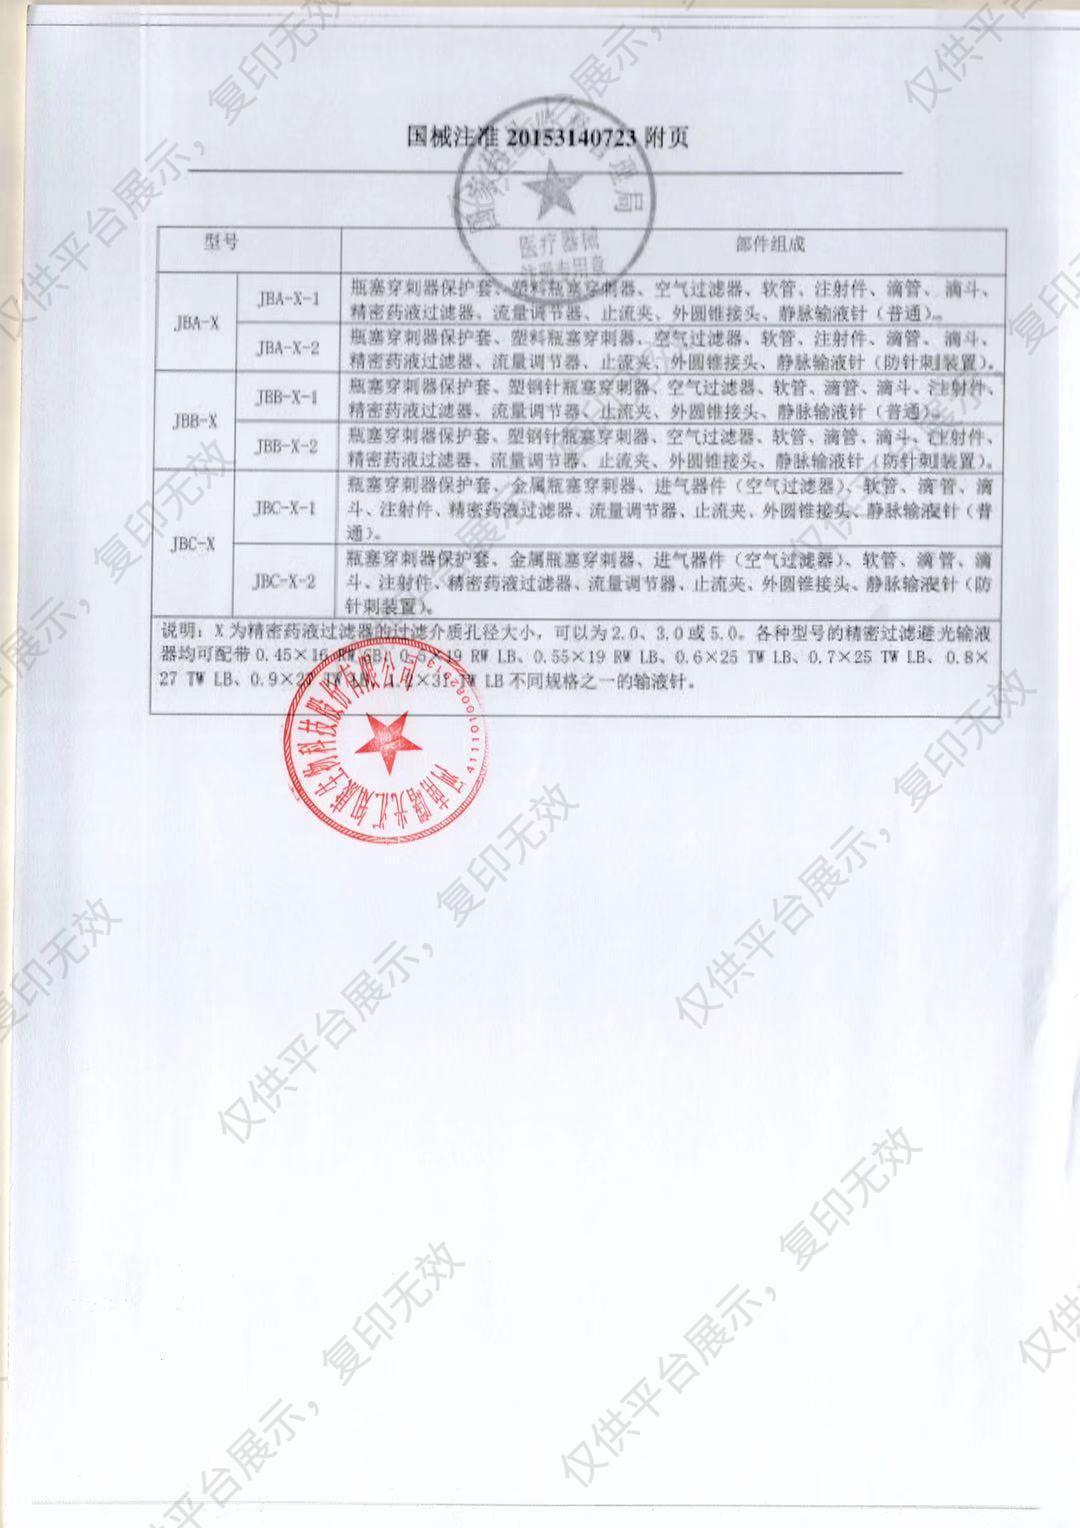 曙光健士 一次性输液器  精密过滤避光 带针 0.7mm 袋装(50支)注册证